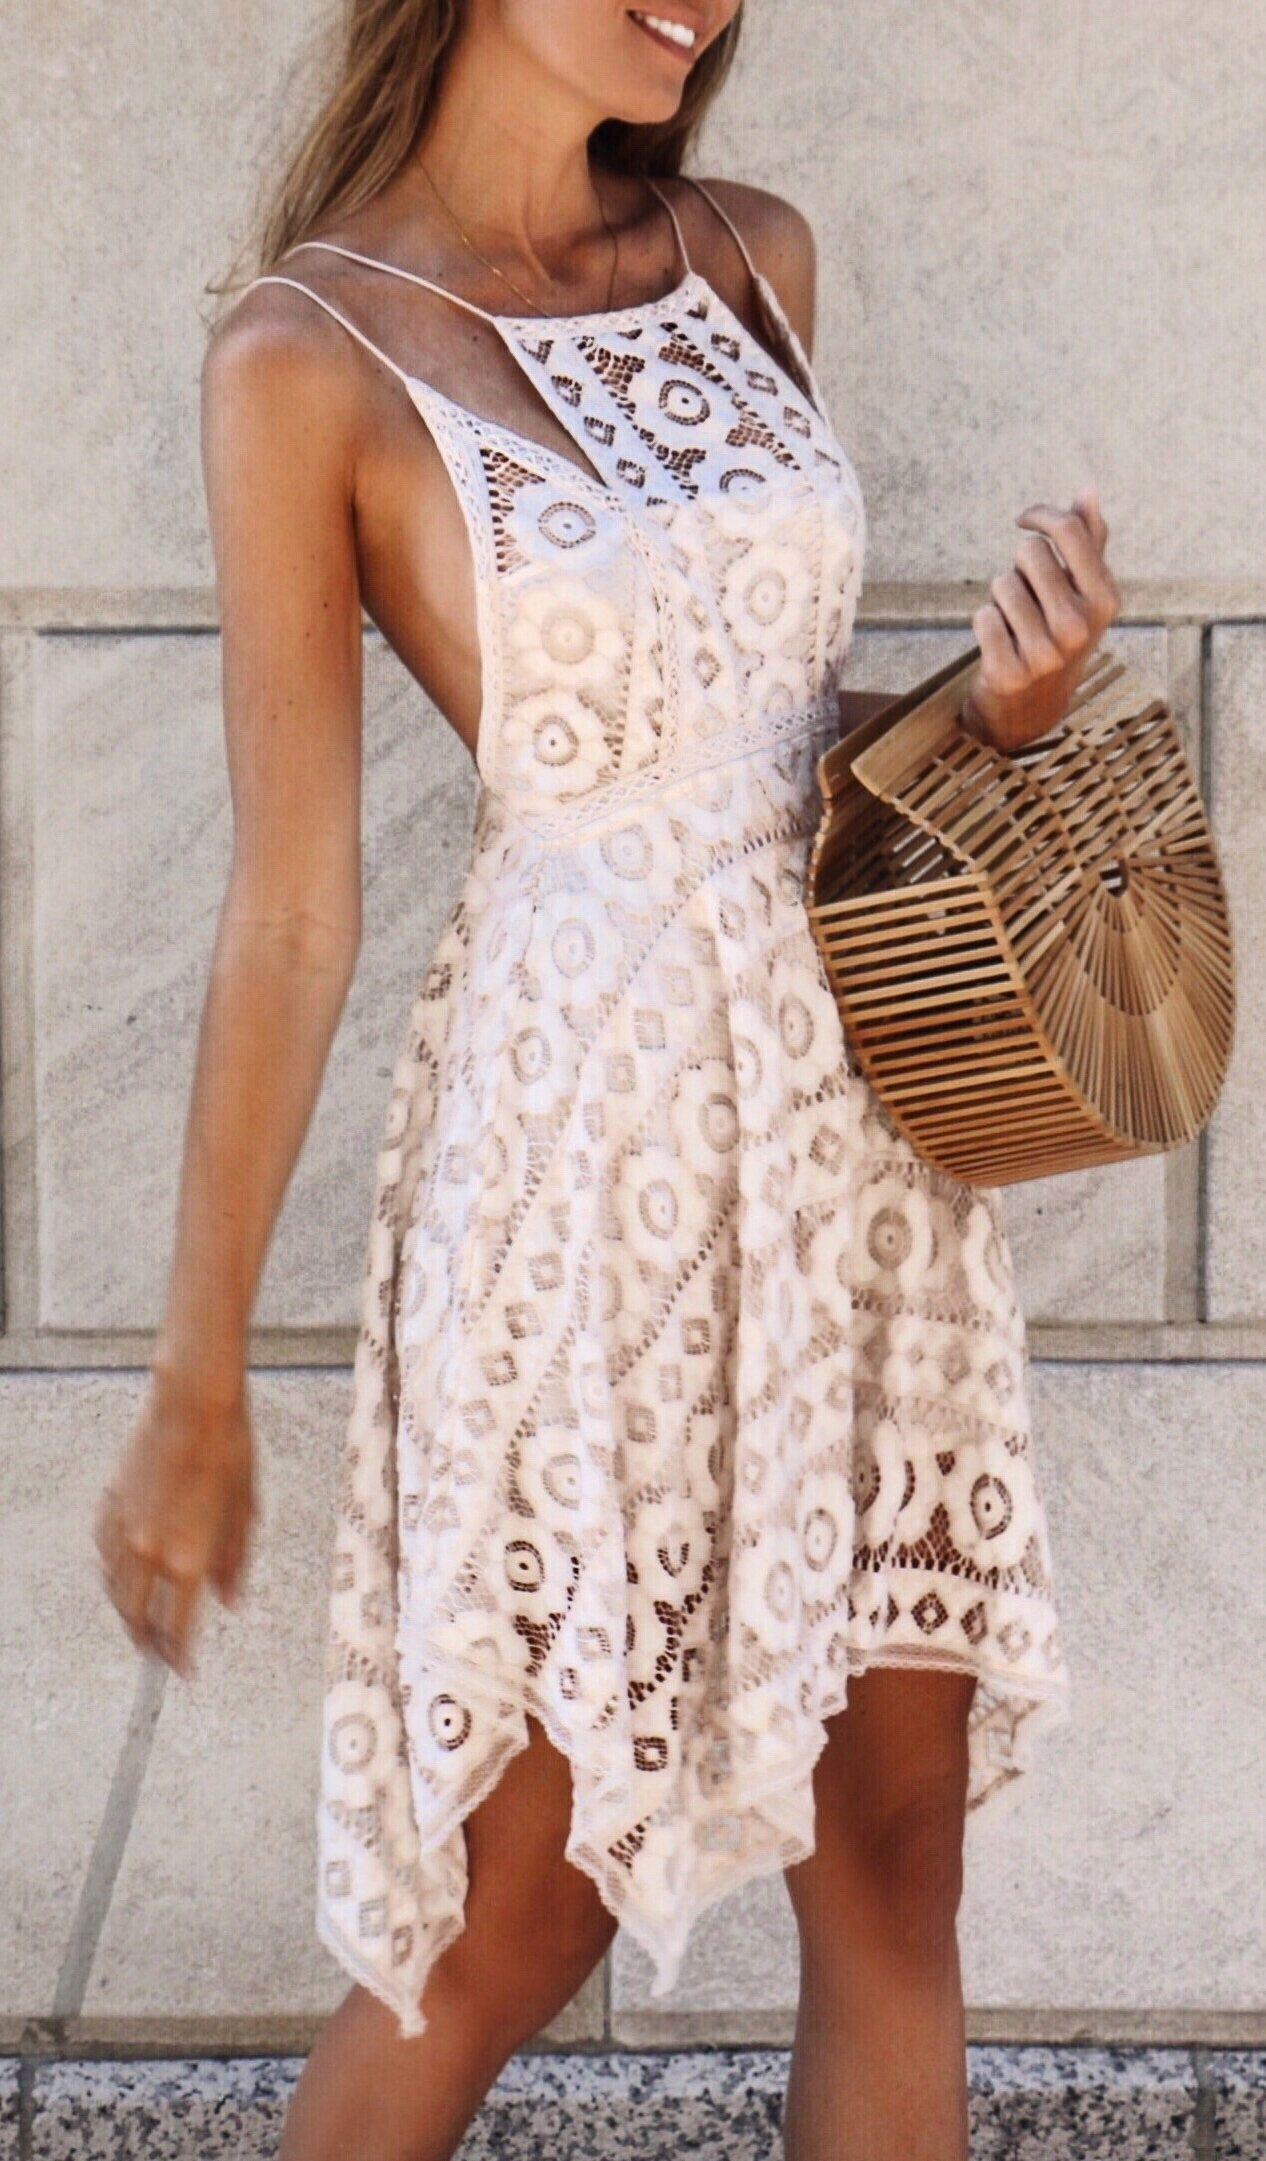 10 Cool Schöne Alltagskleider für 2019Designer Großartig Schöne Alltagskleider Galerie